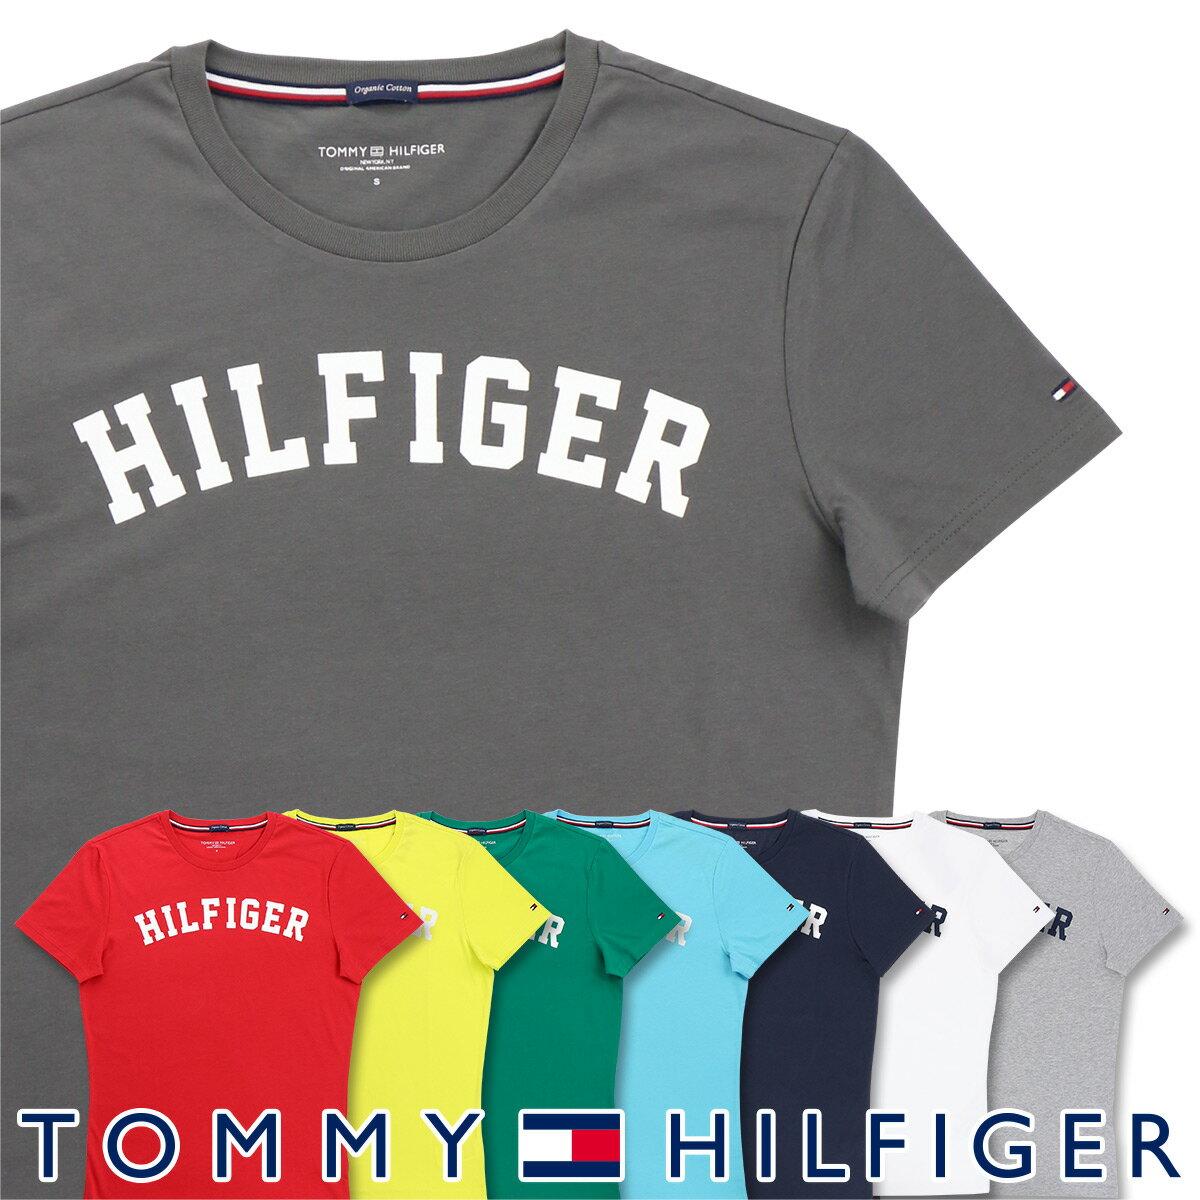 【郵送160円】セール!TOMMY HILFIGER|トミーヒルフィガークルーネック 半袖 ロゴ Tシャツ綿 オーガニックコットン 100%男性 メンズ プレゼント 贈答 ギフト5337-0054 バレンタイン プレゼント